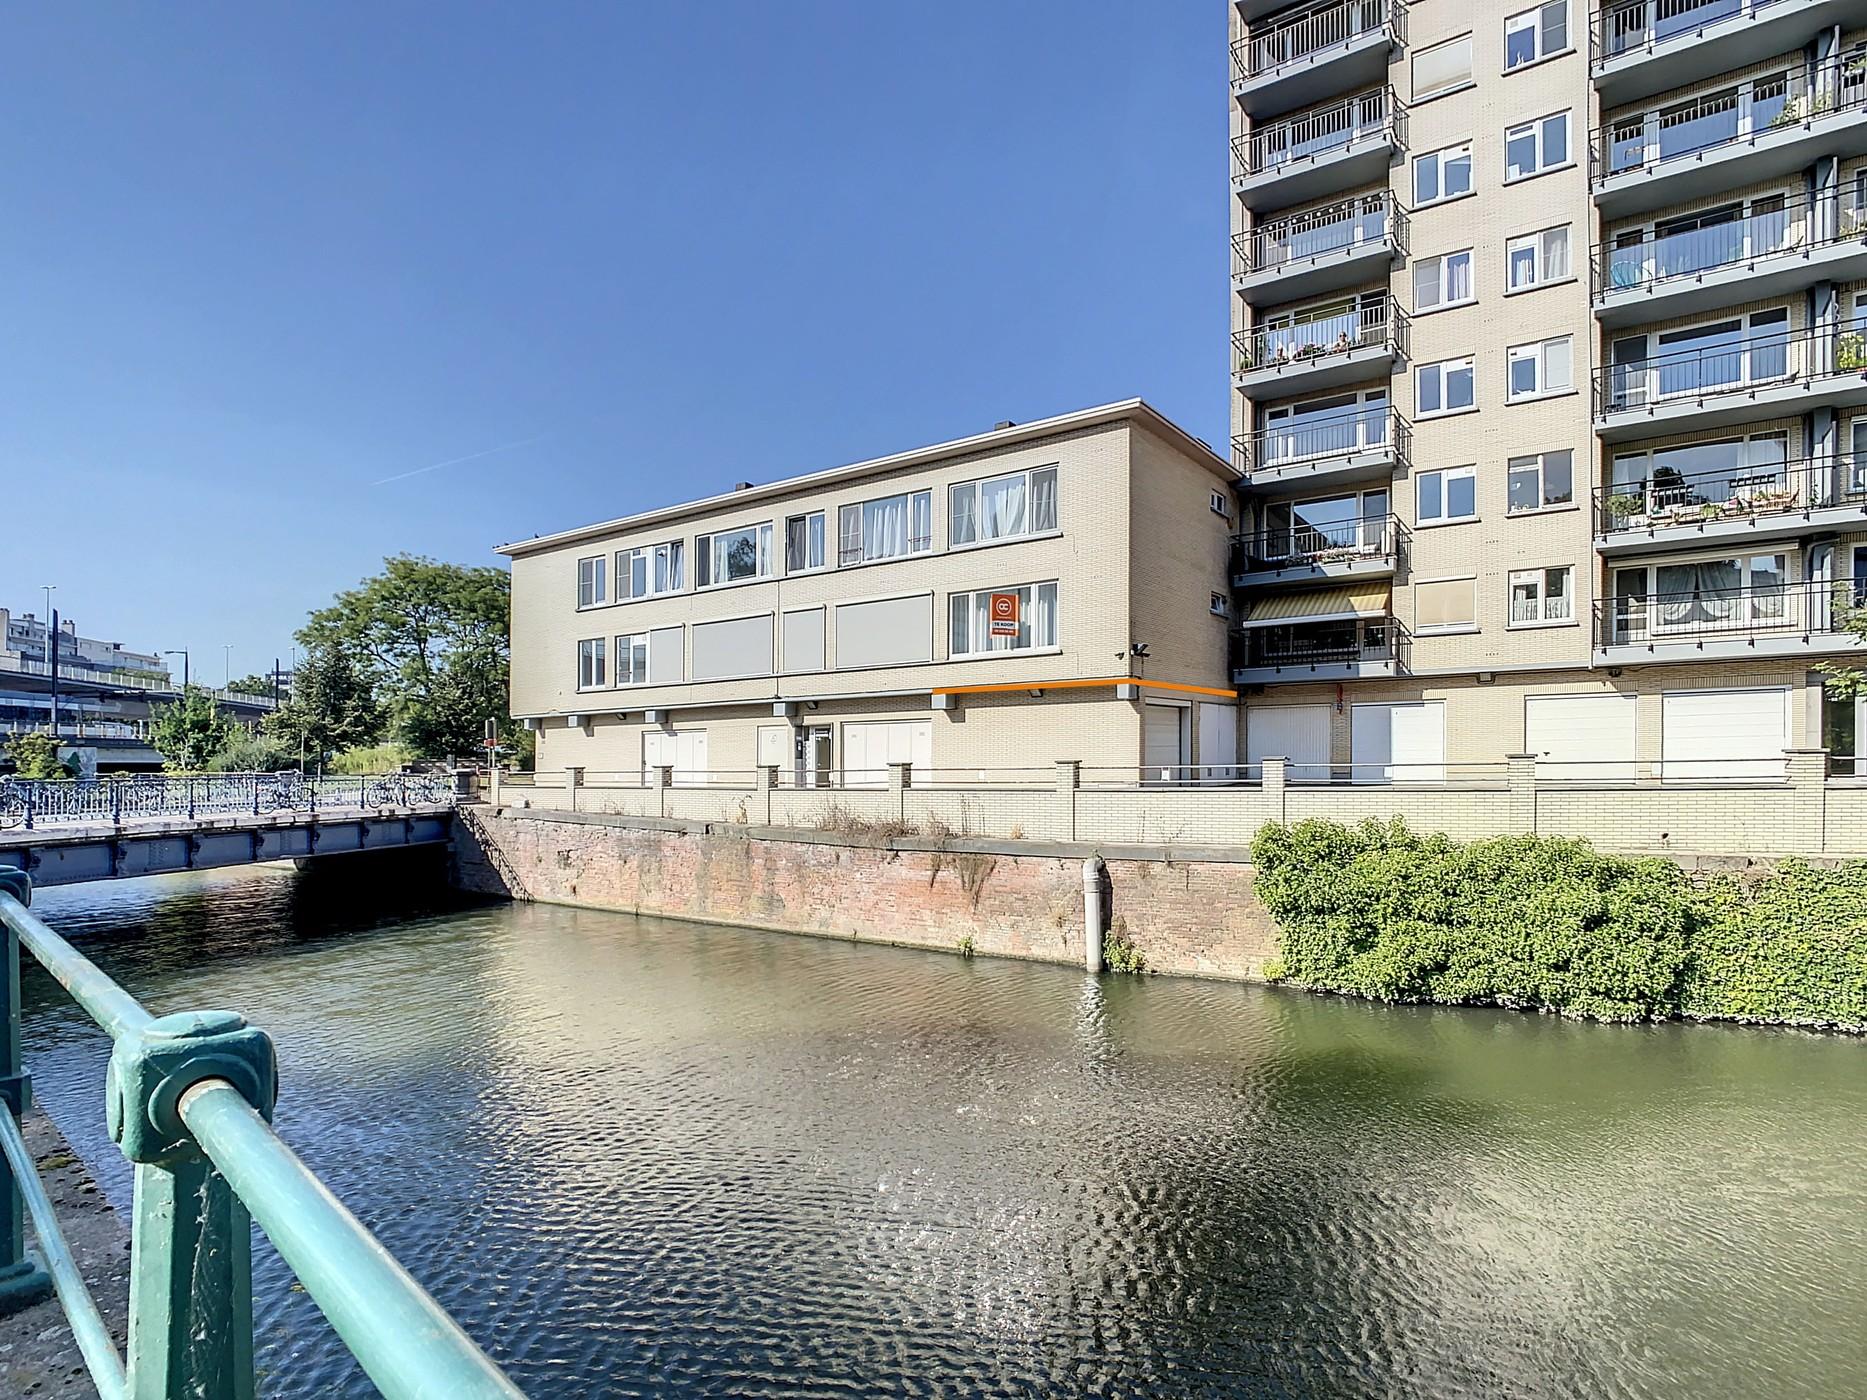 Gerenoveerd (2020) appartement op topligging met zicht op de Schelde